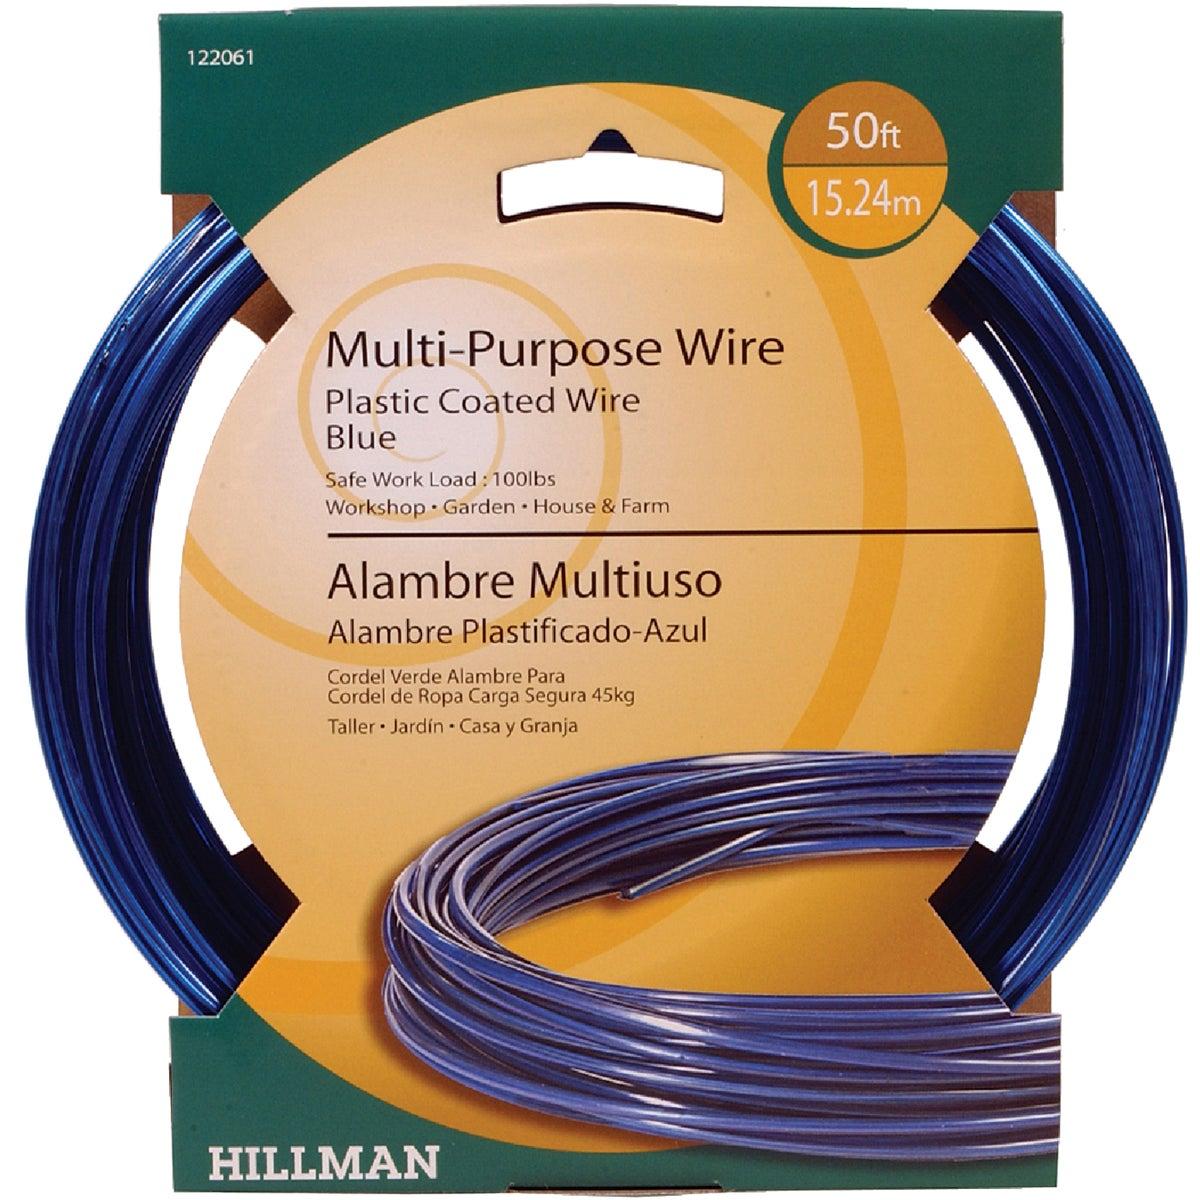 Hillman Fastener Corp 50' STRANDED WIRE 122061